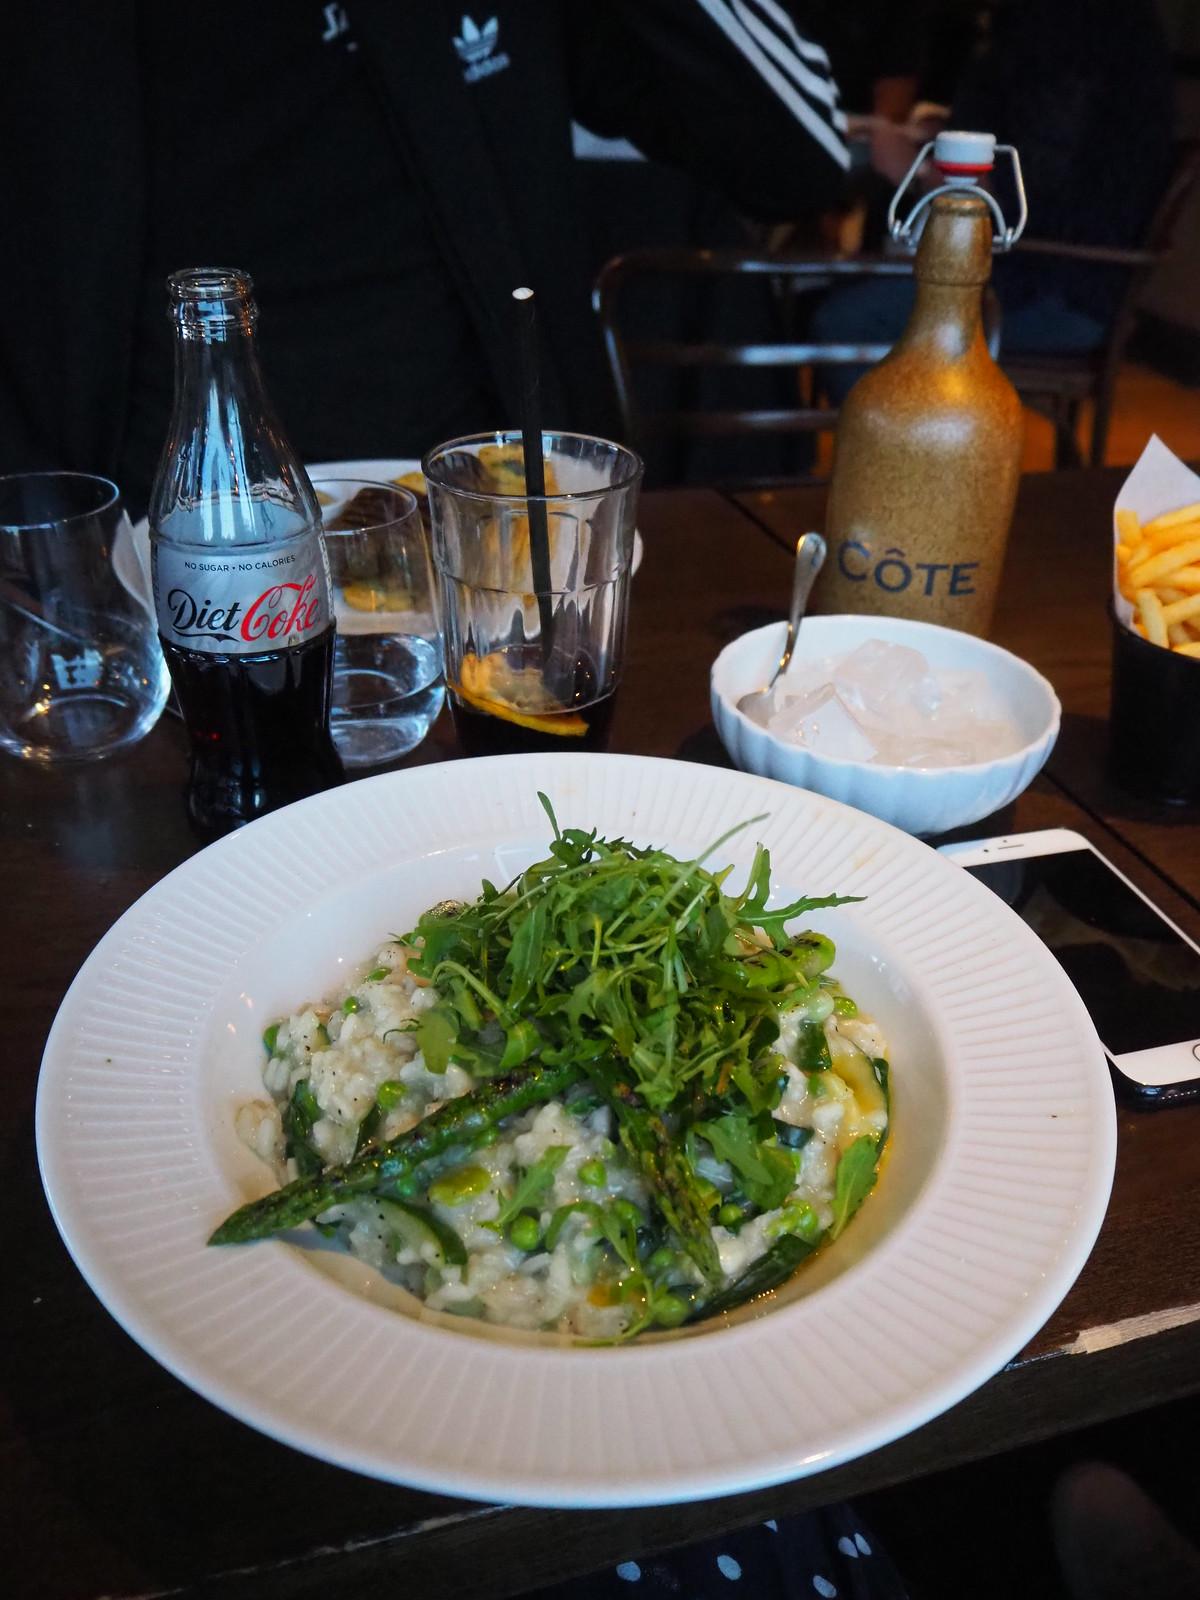 cote brasserie vegan menu risotto vert